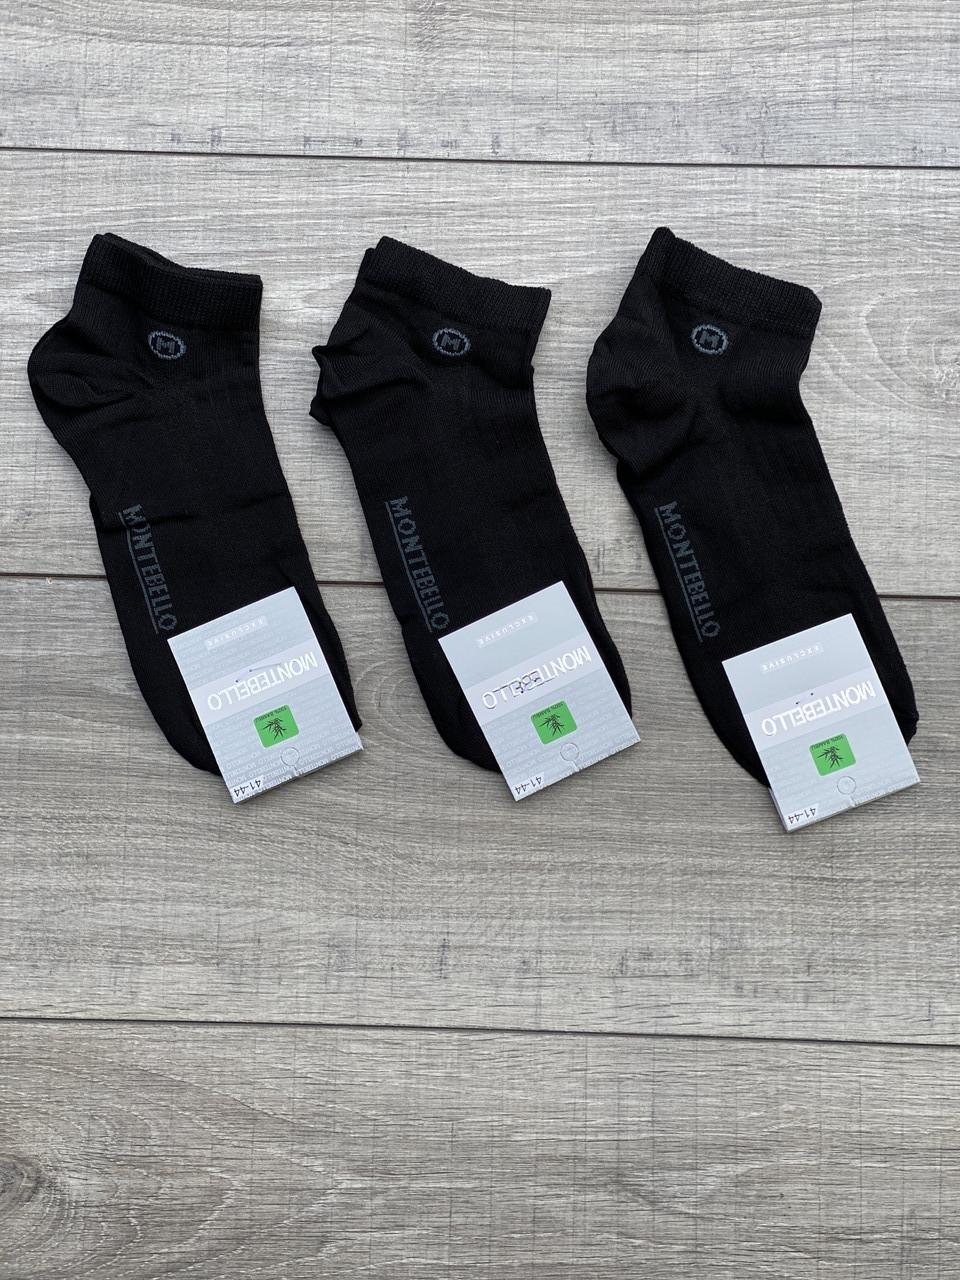 Чоловічі шкарпетки коттон короткі носки Montebello з буквою М однотонні 40-45 12 шт в уп чорні